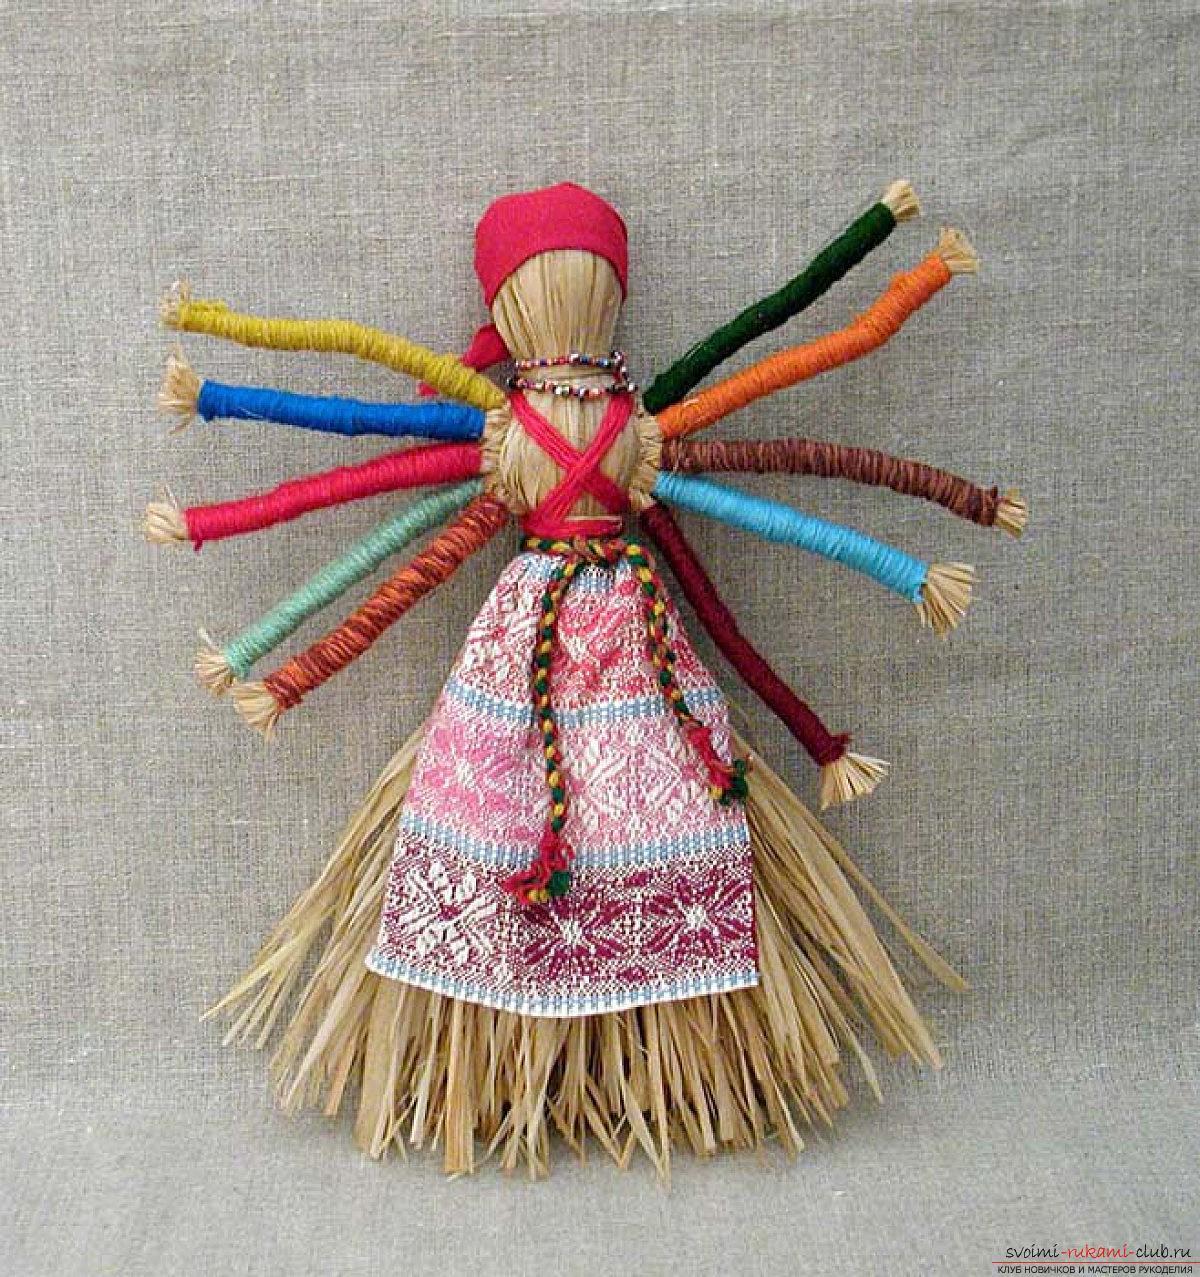 Как выкроить тряпичную куклу. Фото №1